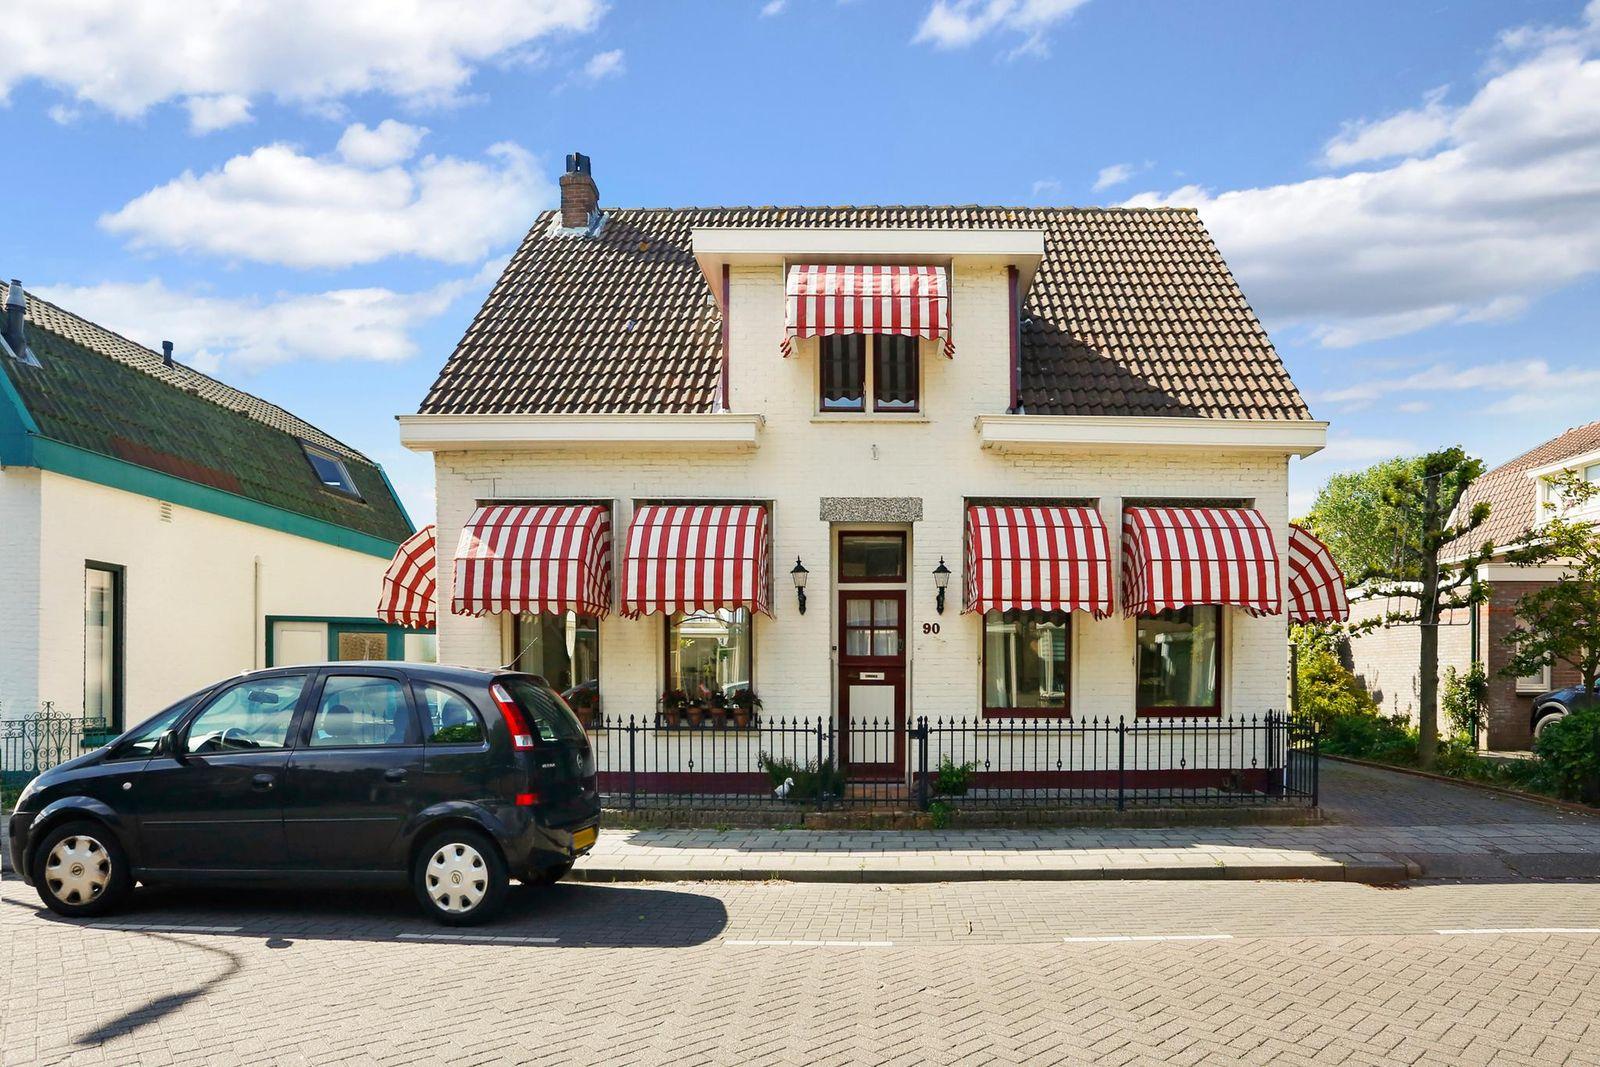 Kerkstraat 90, Noordwijkerhout